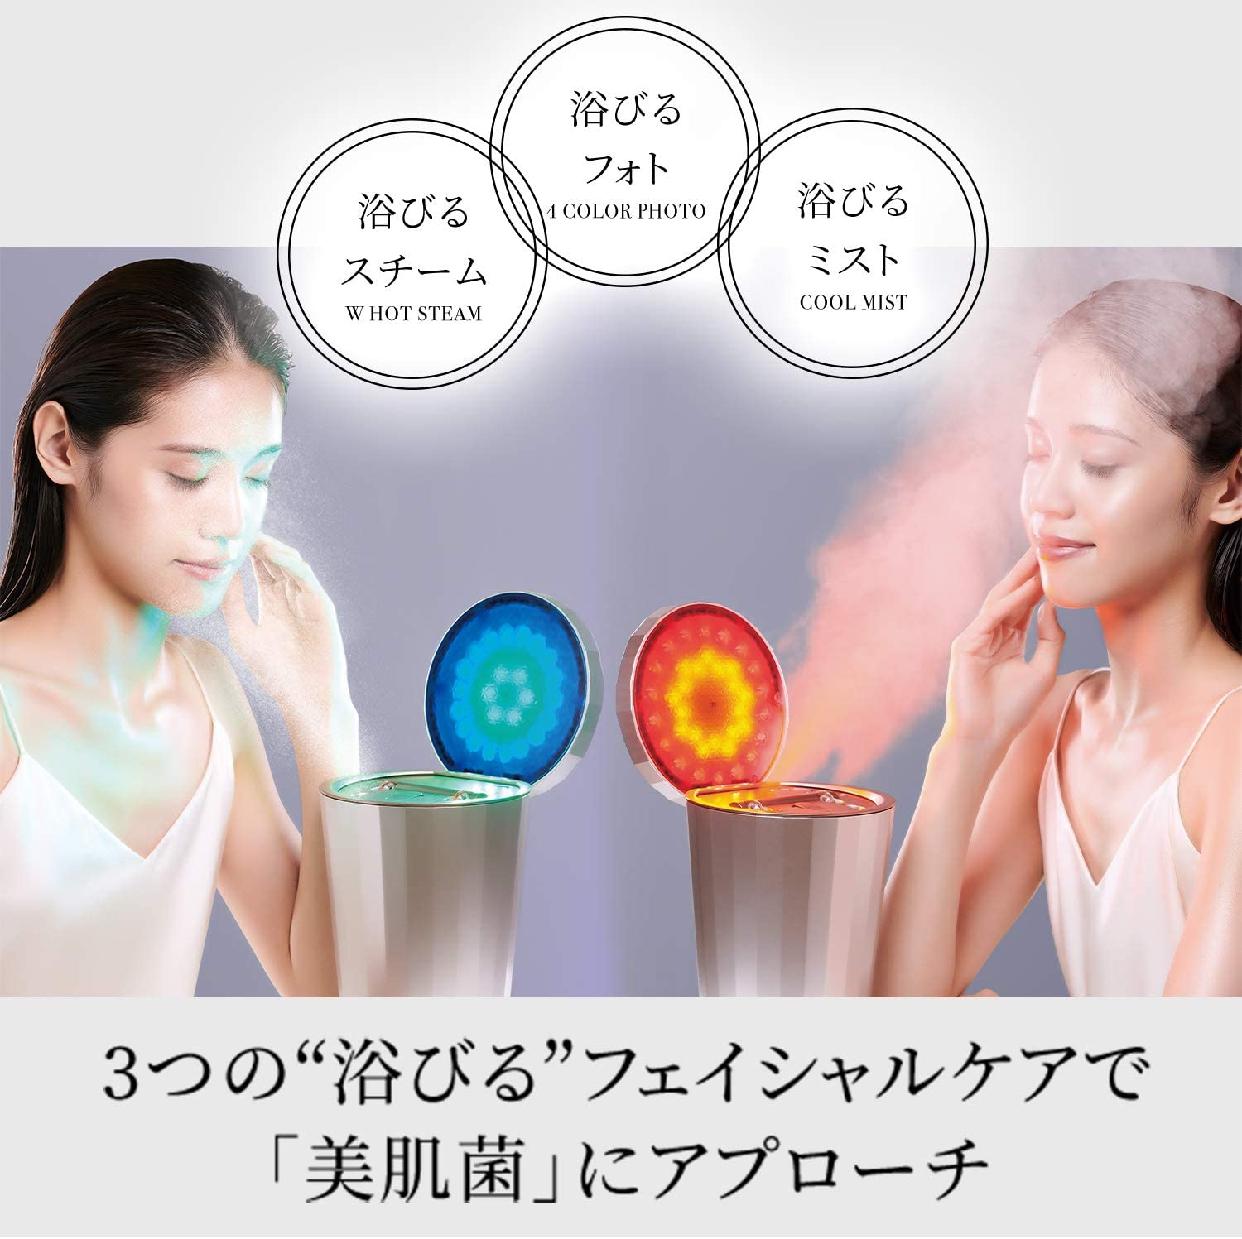 YA-MAN(ヤーマン) フォトスチーマーの商品画像4